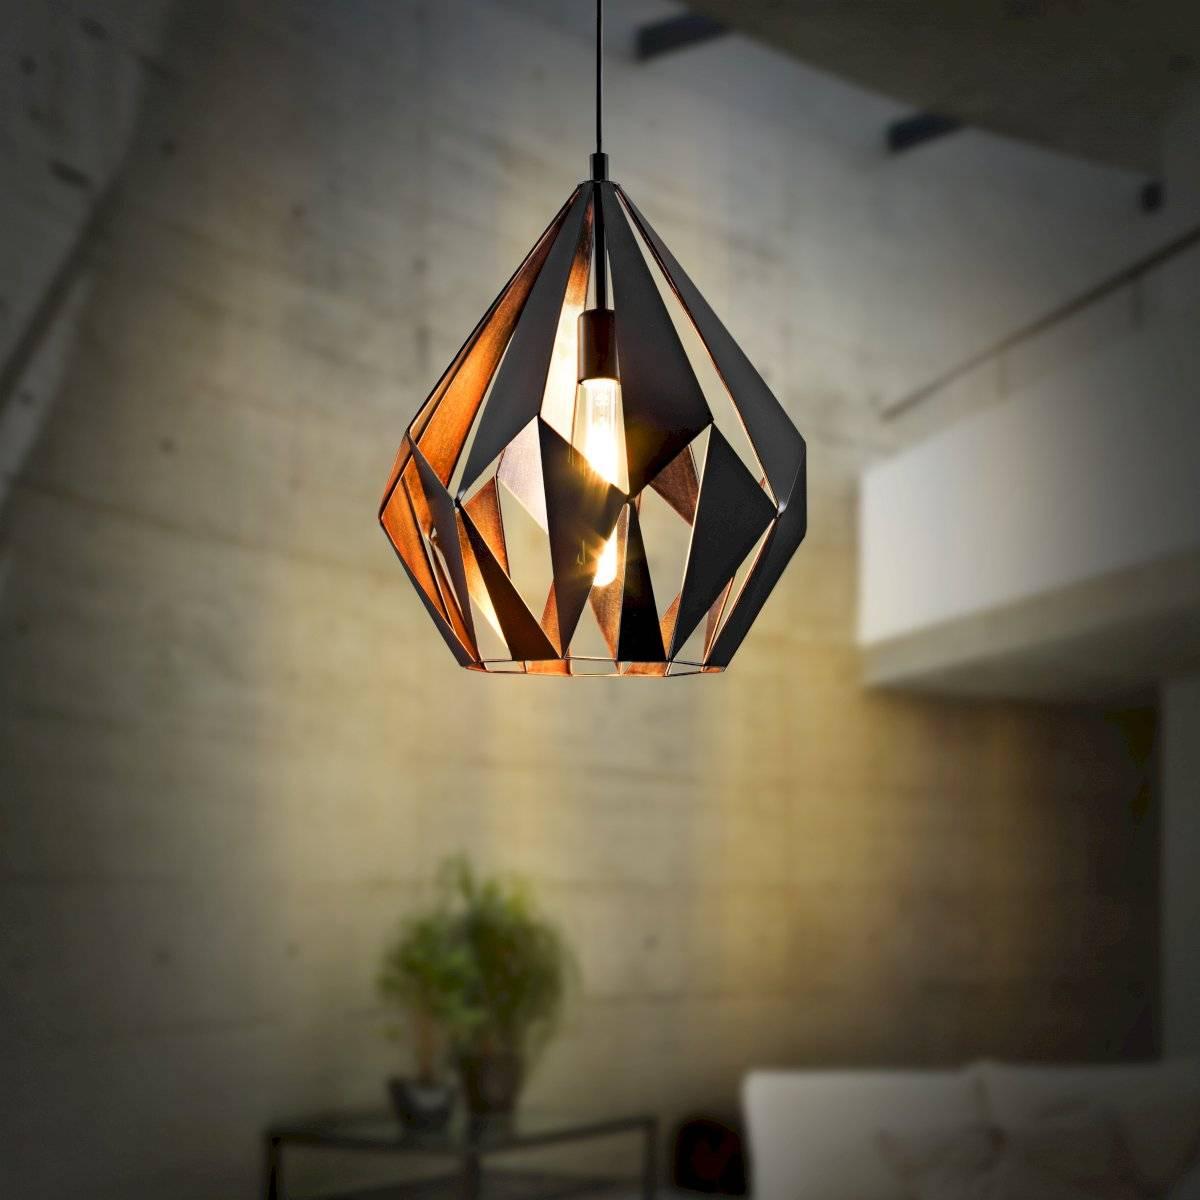 Lámparas decorativas para tu hogar